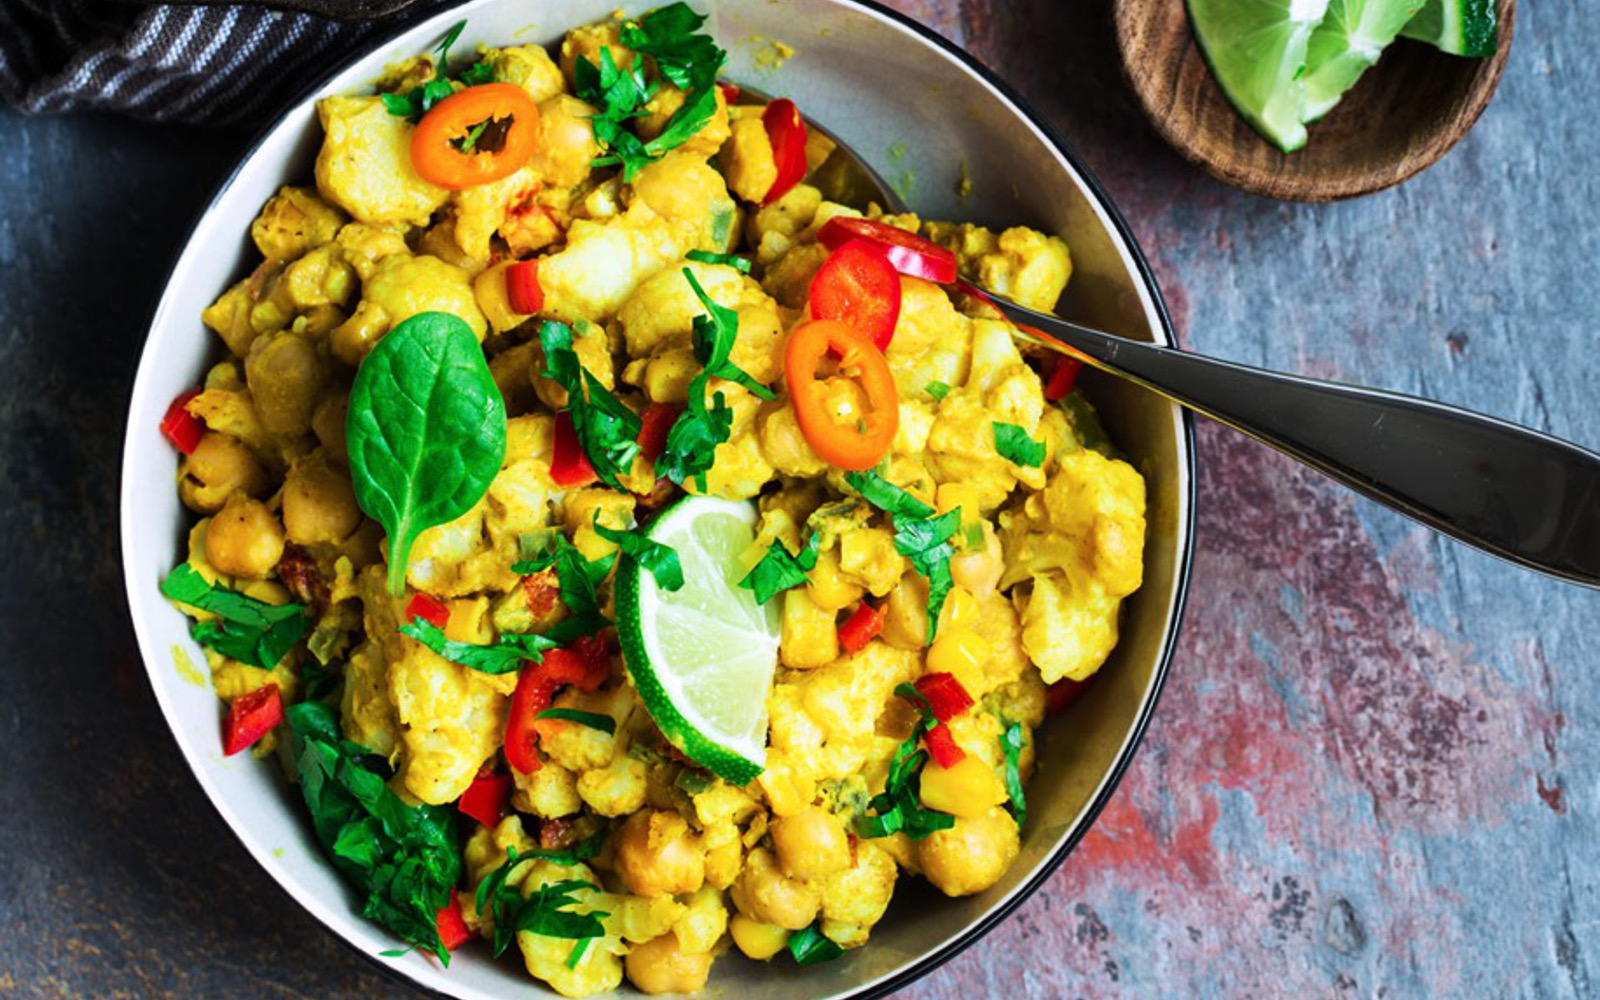 Spicy Cauliflower and Butternut Squash Gratin